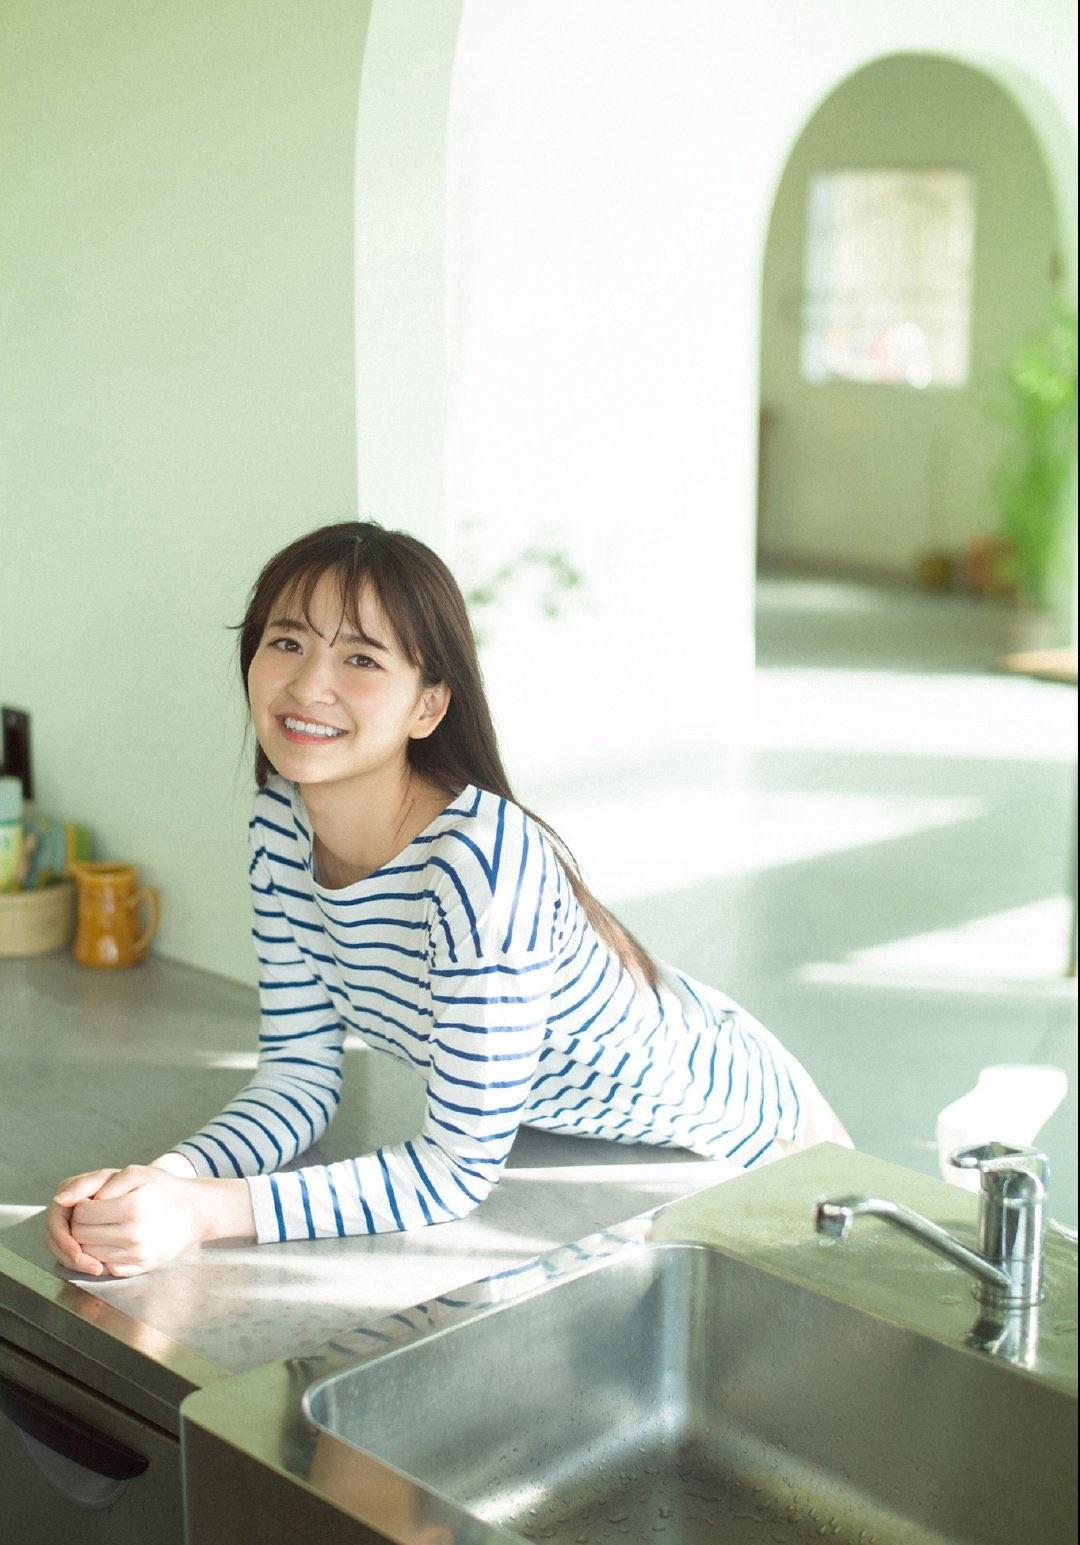 金川紗耶54